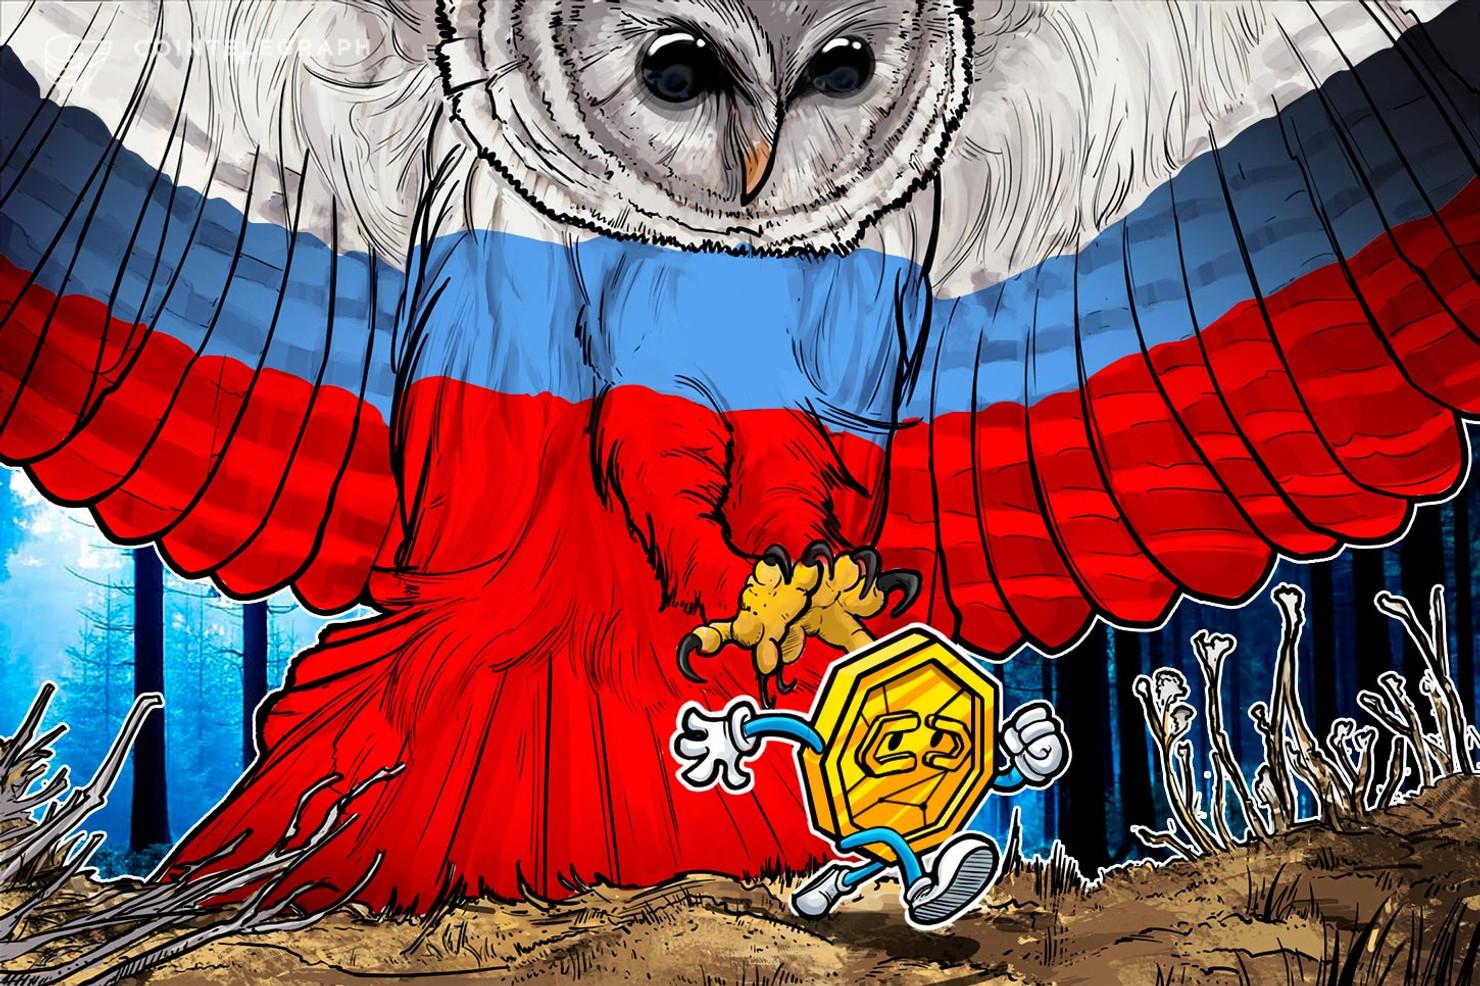 俄罗斯中央银行试图禁止加密货币发行和流通